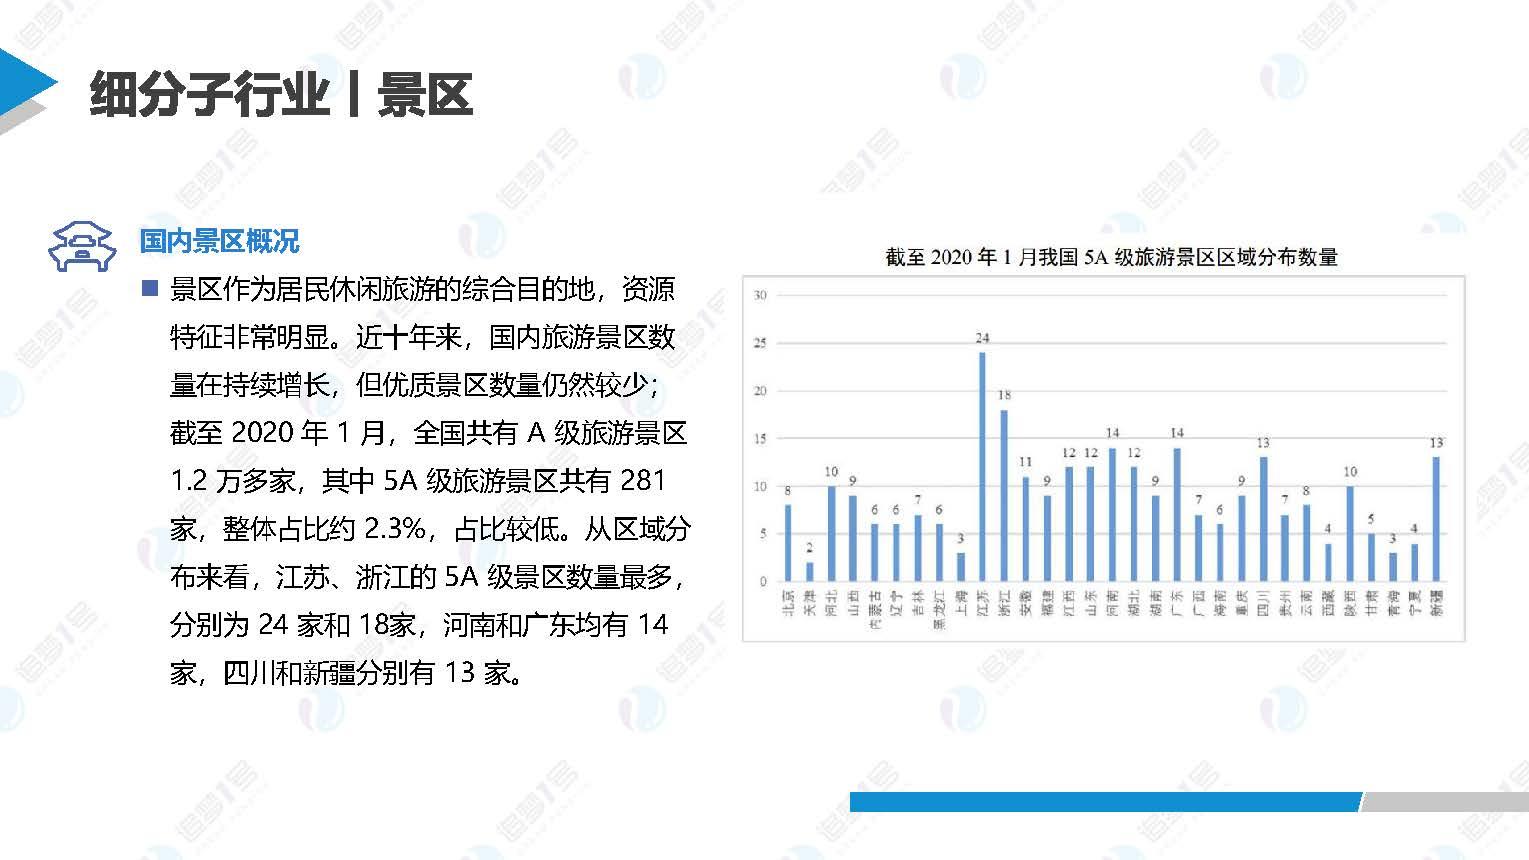 中国旅游行业研究 _页面_18.jpg